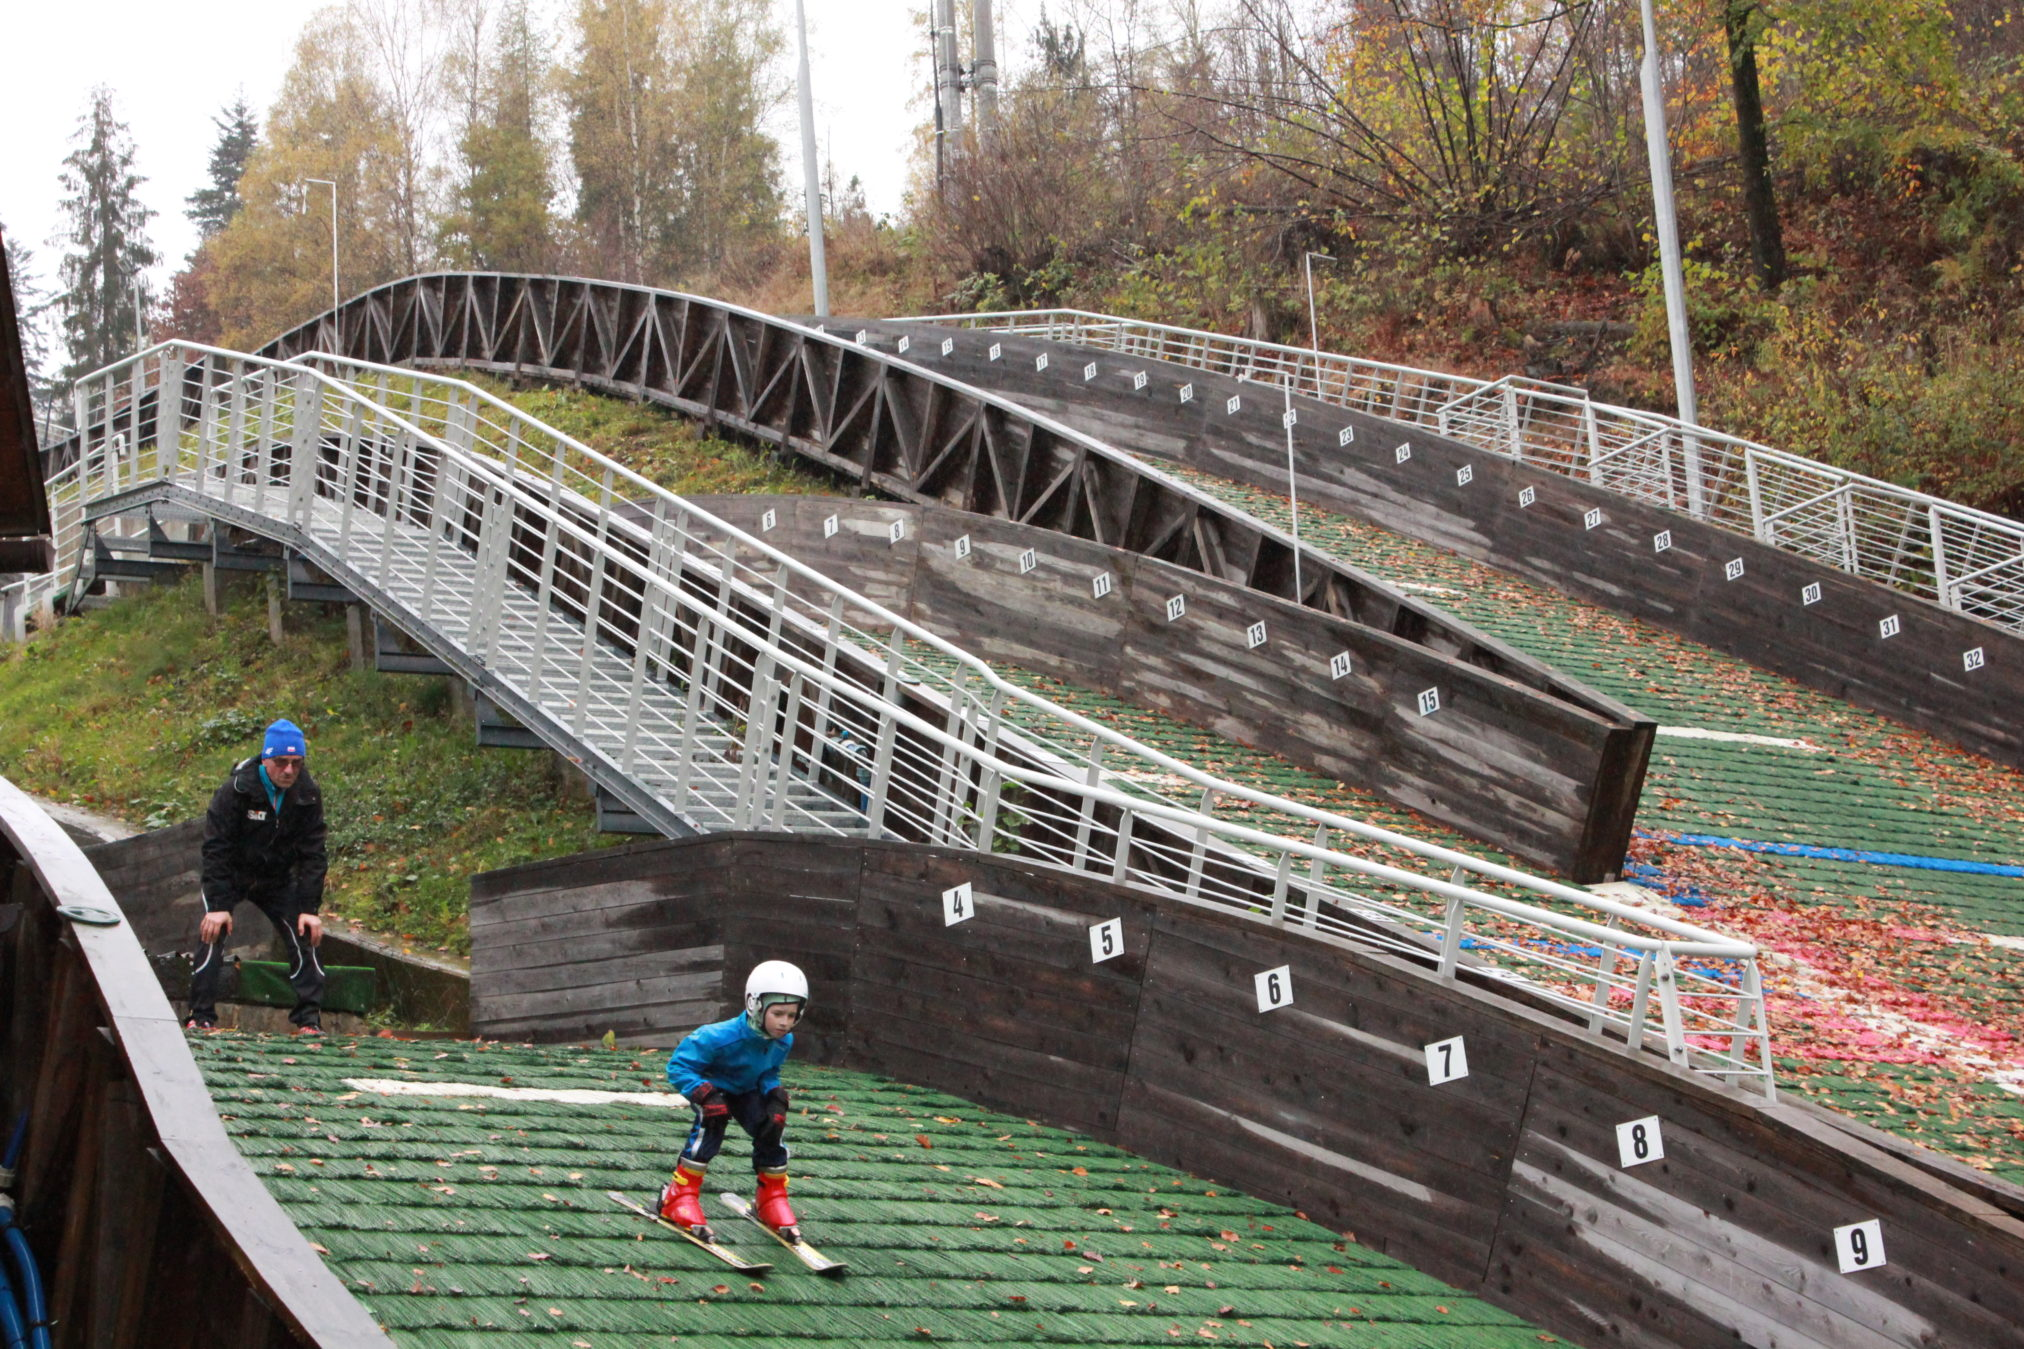 atrakcje wisły skocznia narciarska